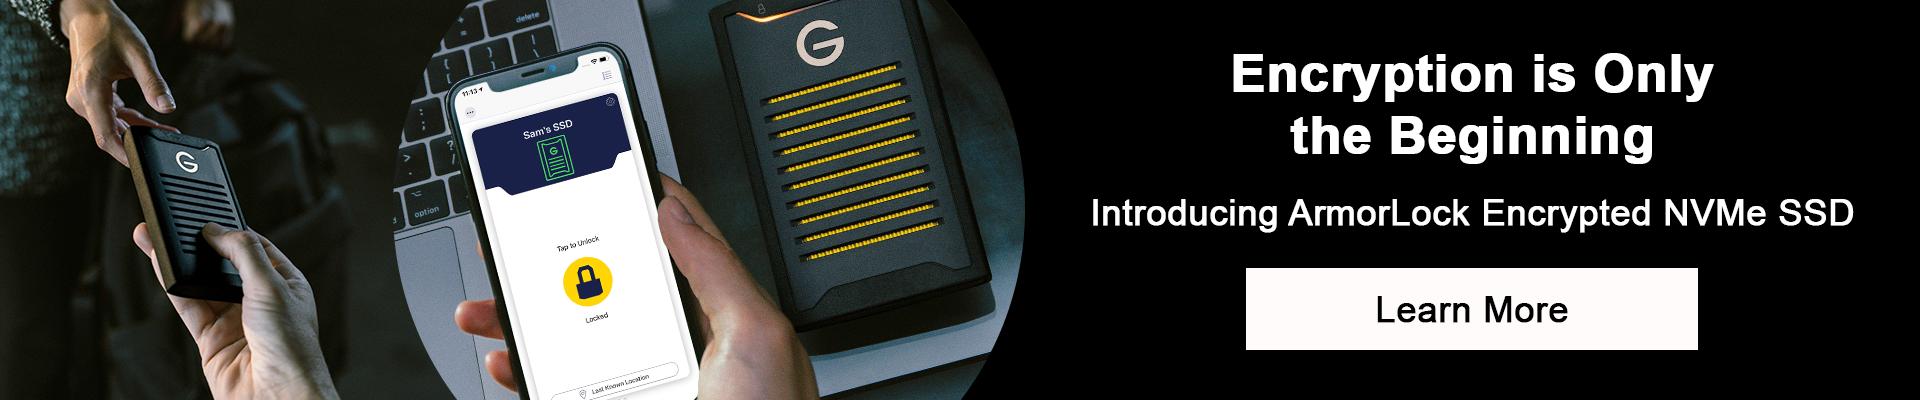 G-Technology ArmorLock - Desktop Banner image